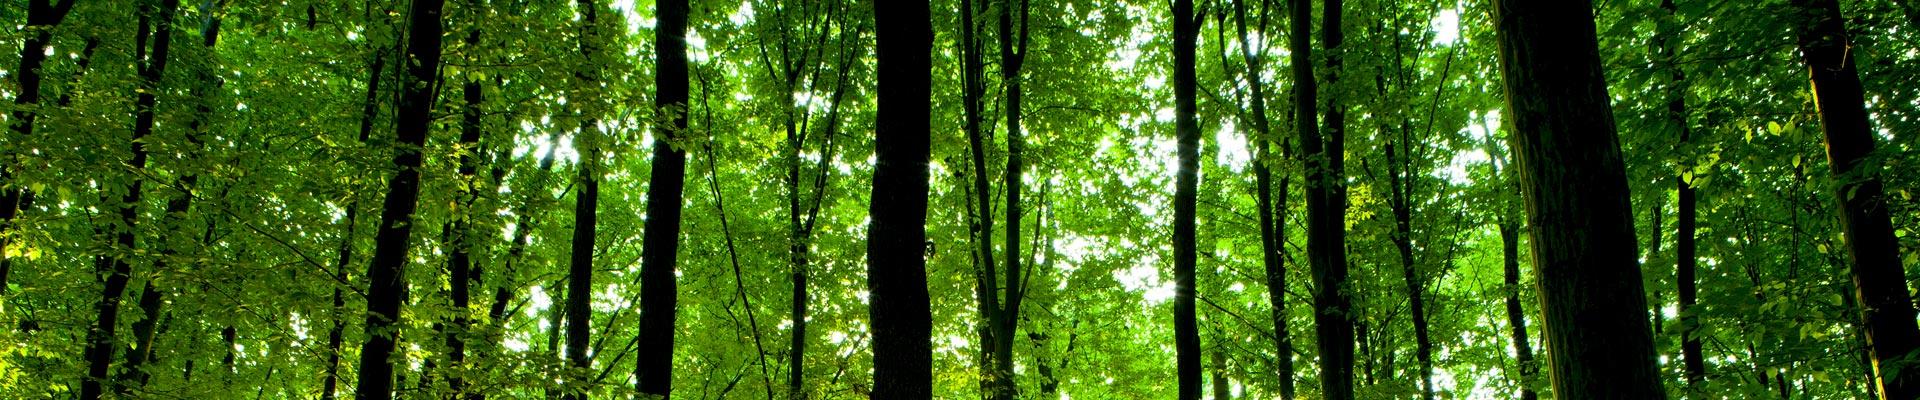 green_rid